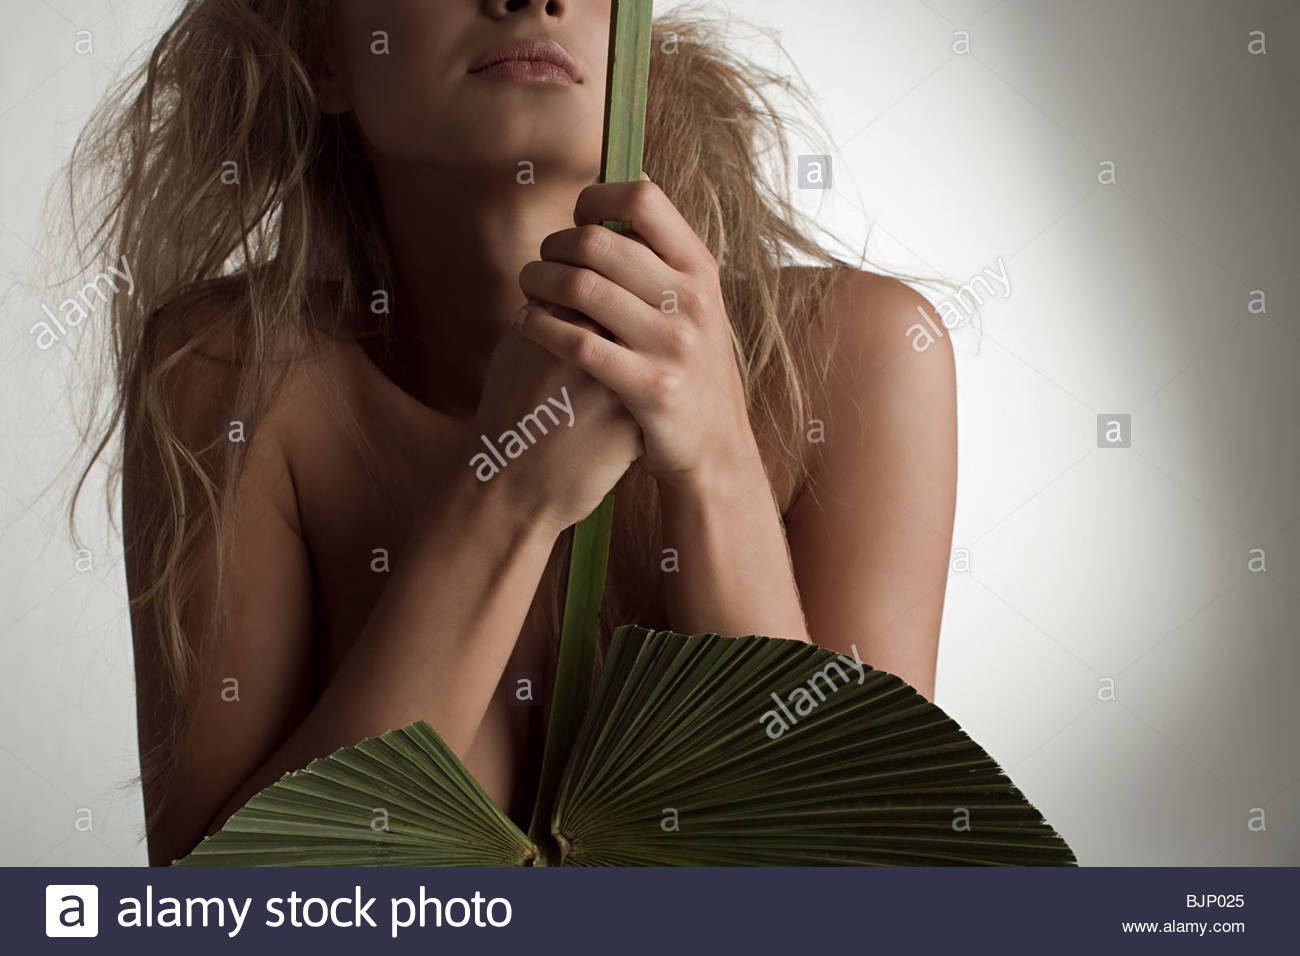 Una joven mujer sosteniendo una hoja de palma Imagen De Stock